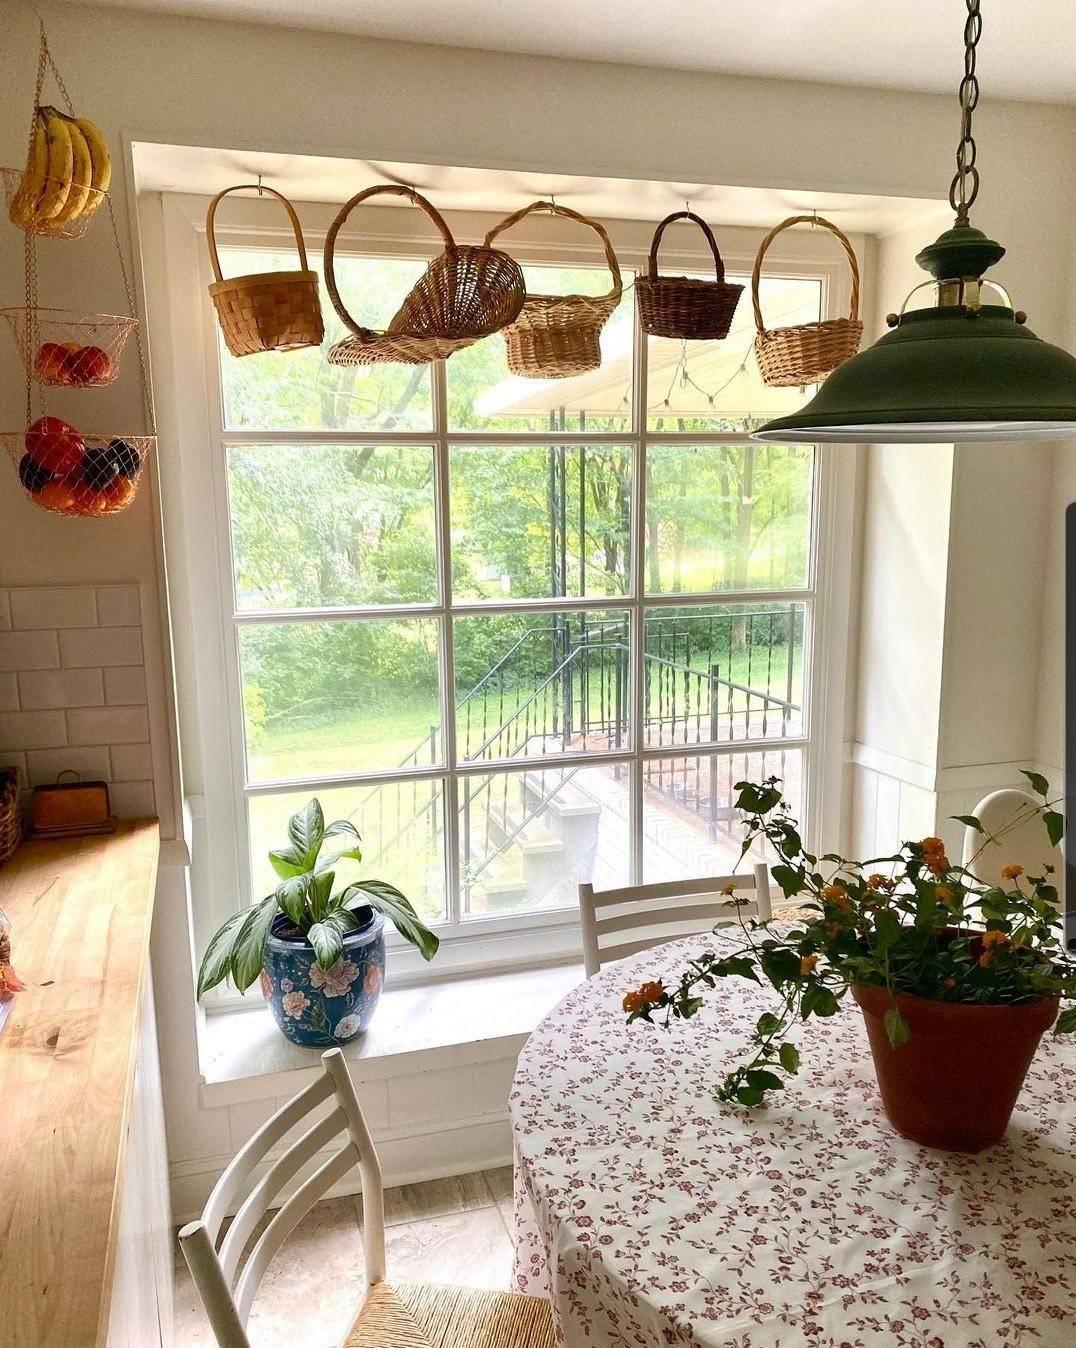 Trang trí nhà lấy cảm hứng từ Cottagecore giúp bạn tạo không gian cổ tích cho riêng mình - Ảnh 7.